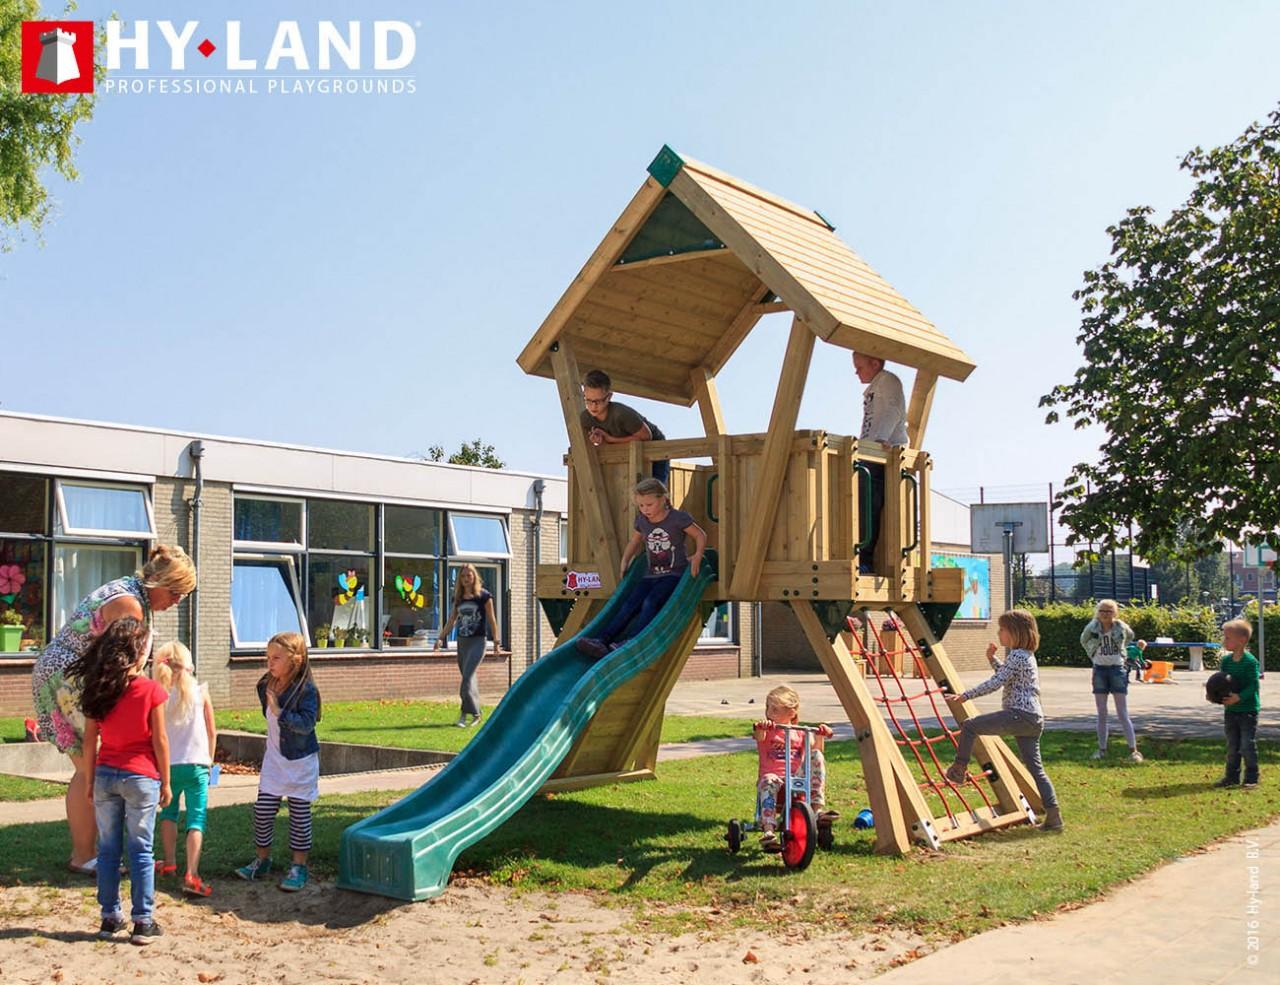 Spielturm Hy-Land Q2 in Douglasie